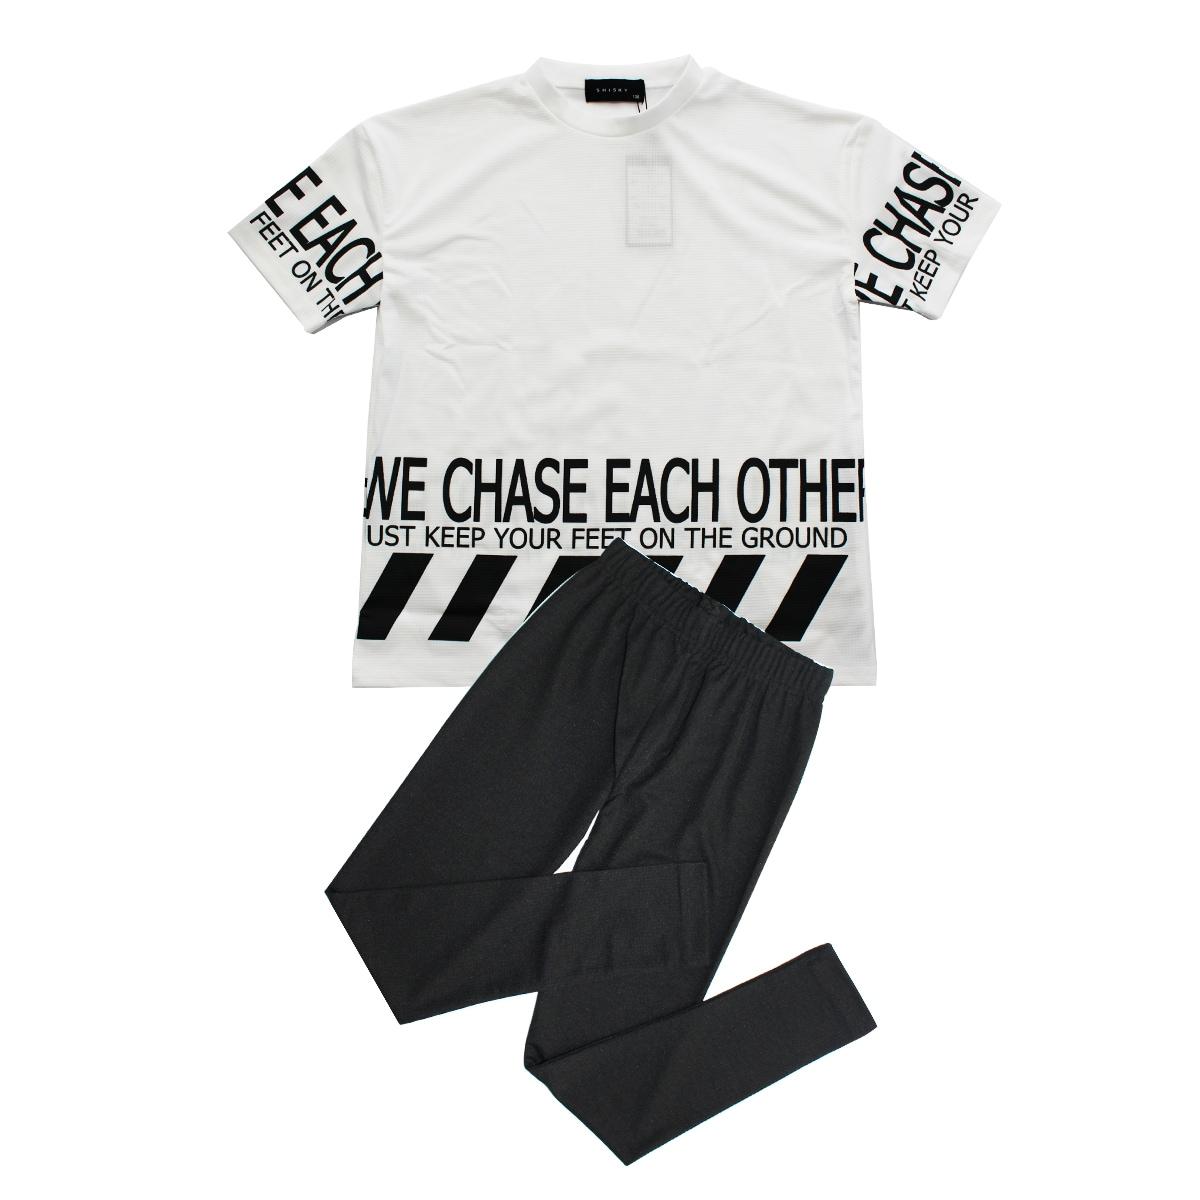 SHISKYワッフル素材半袖Tシャツ×レギンスセットアップ 2点セット